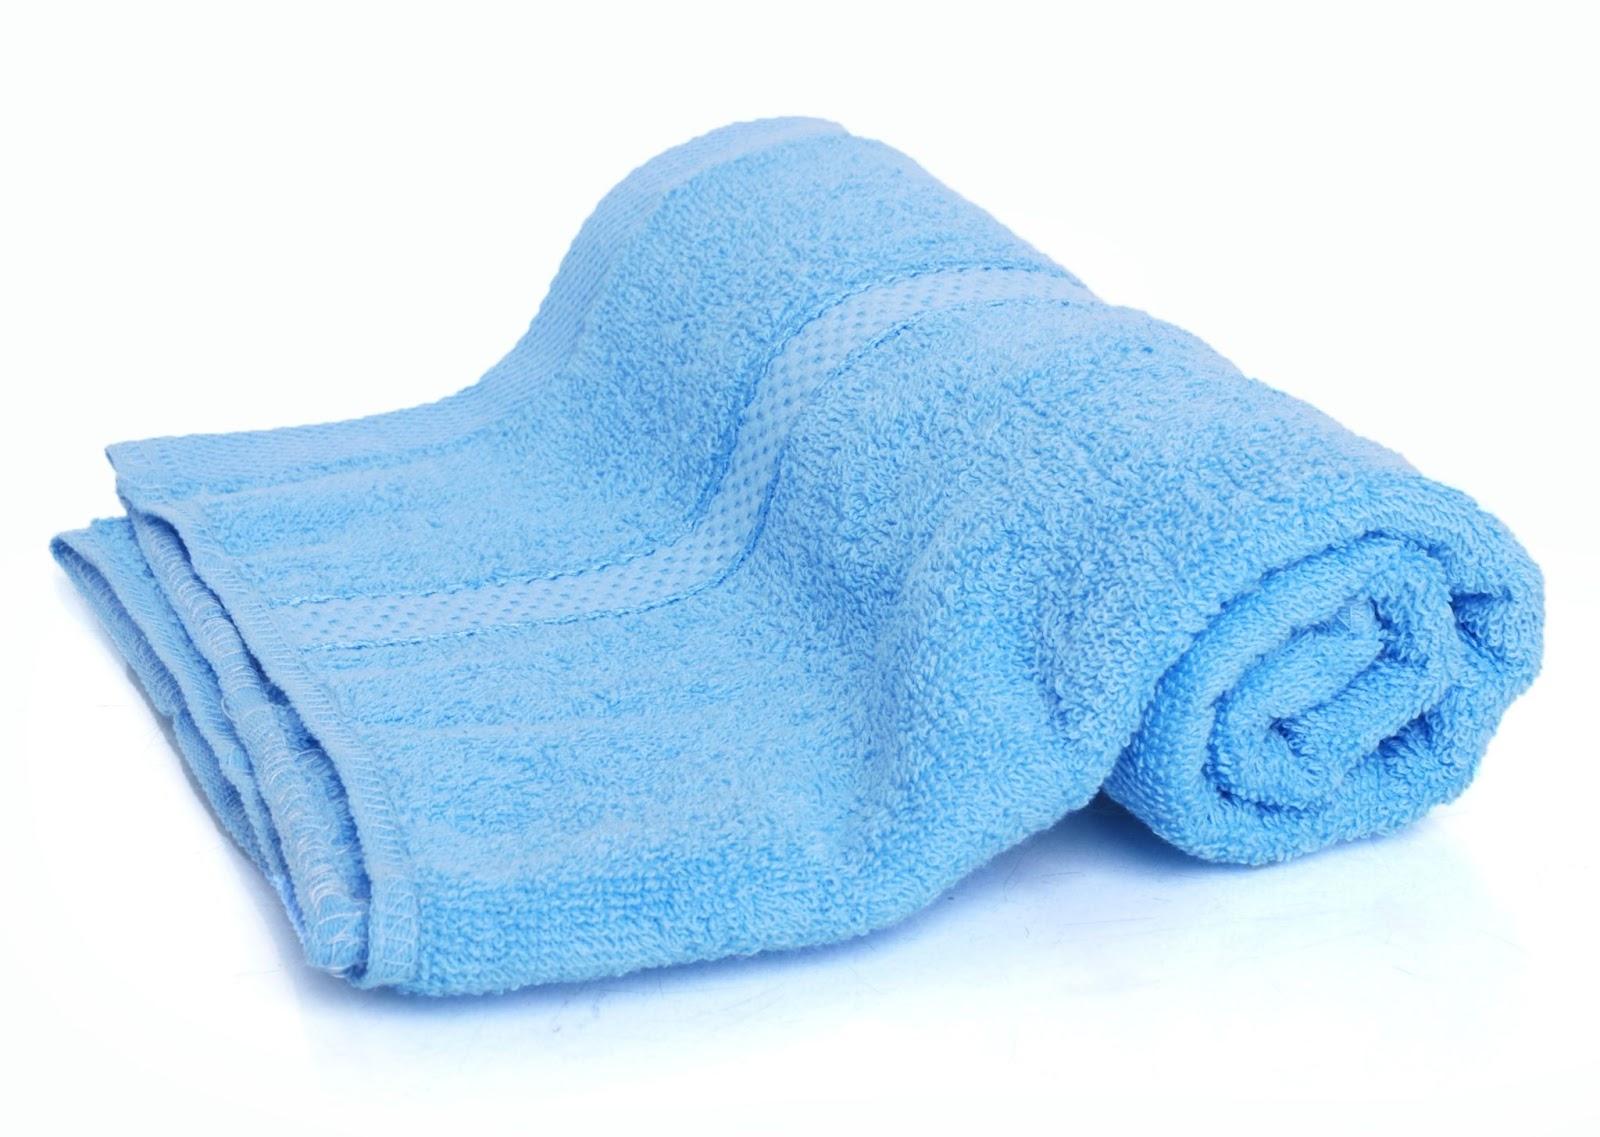 Dùng khăn mềm, khô để lau các thiết bị điện bên ngoài bình